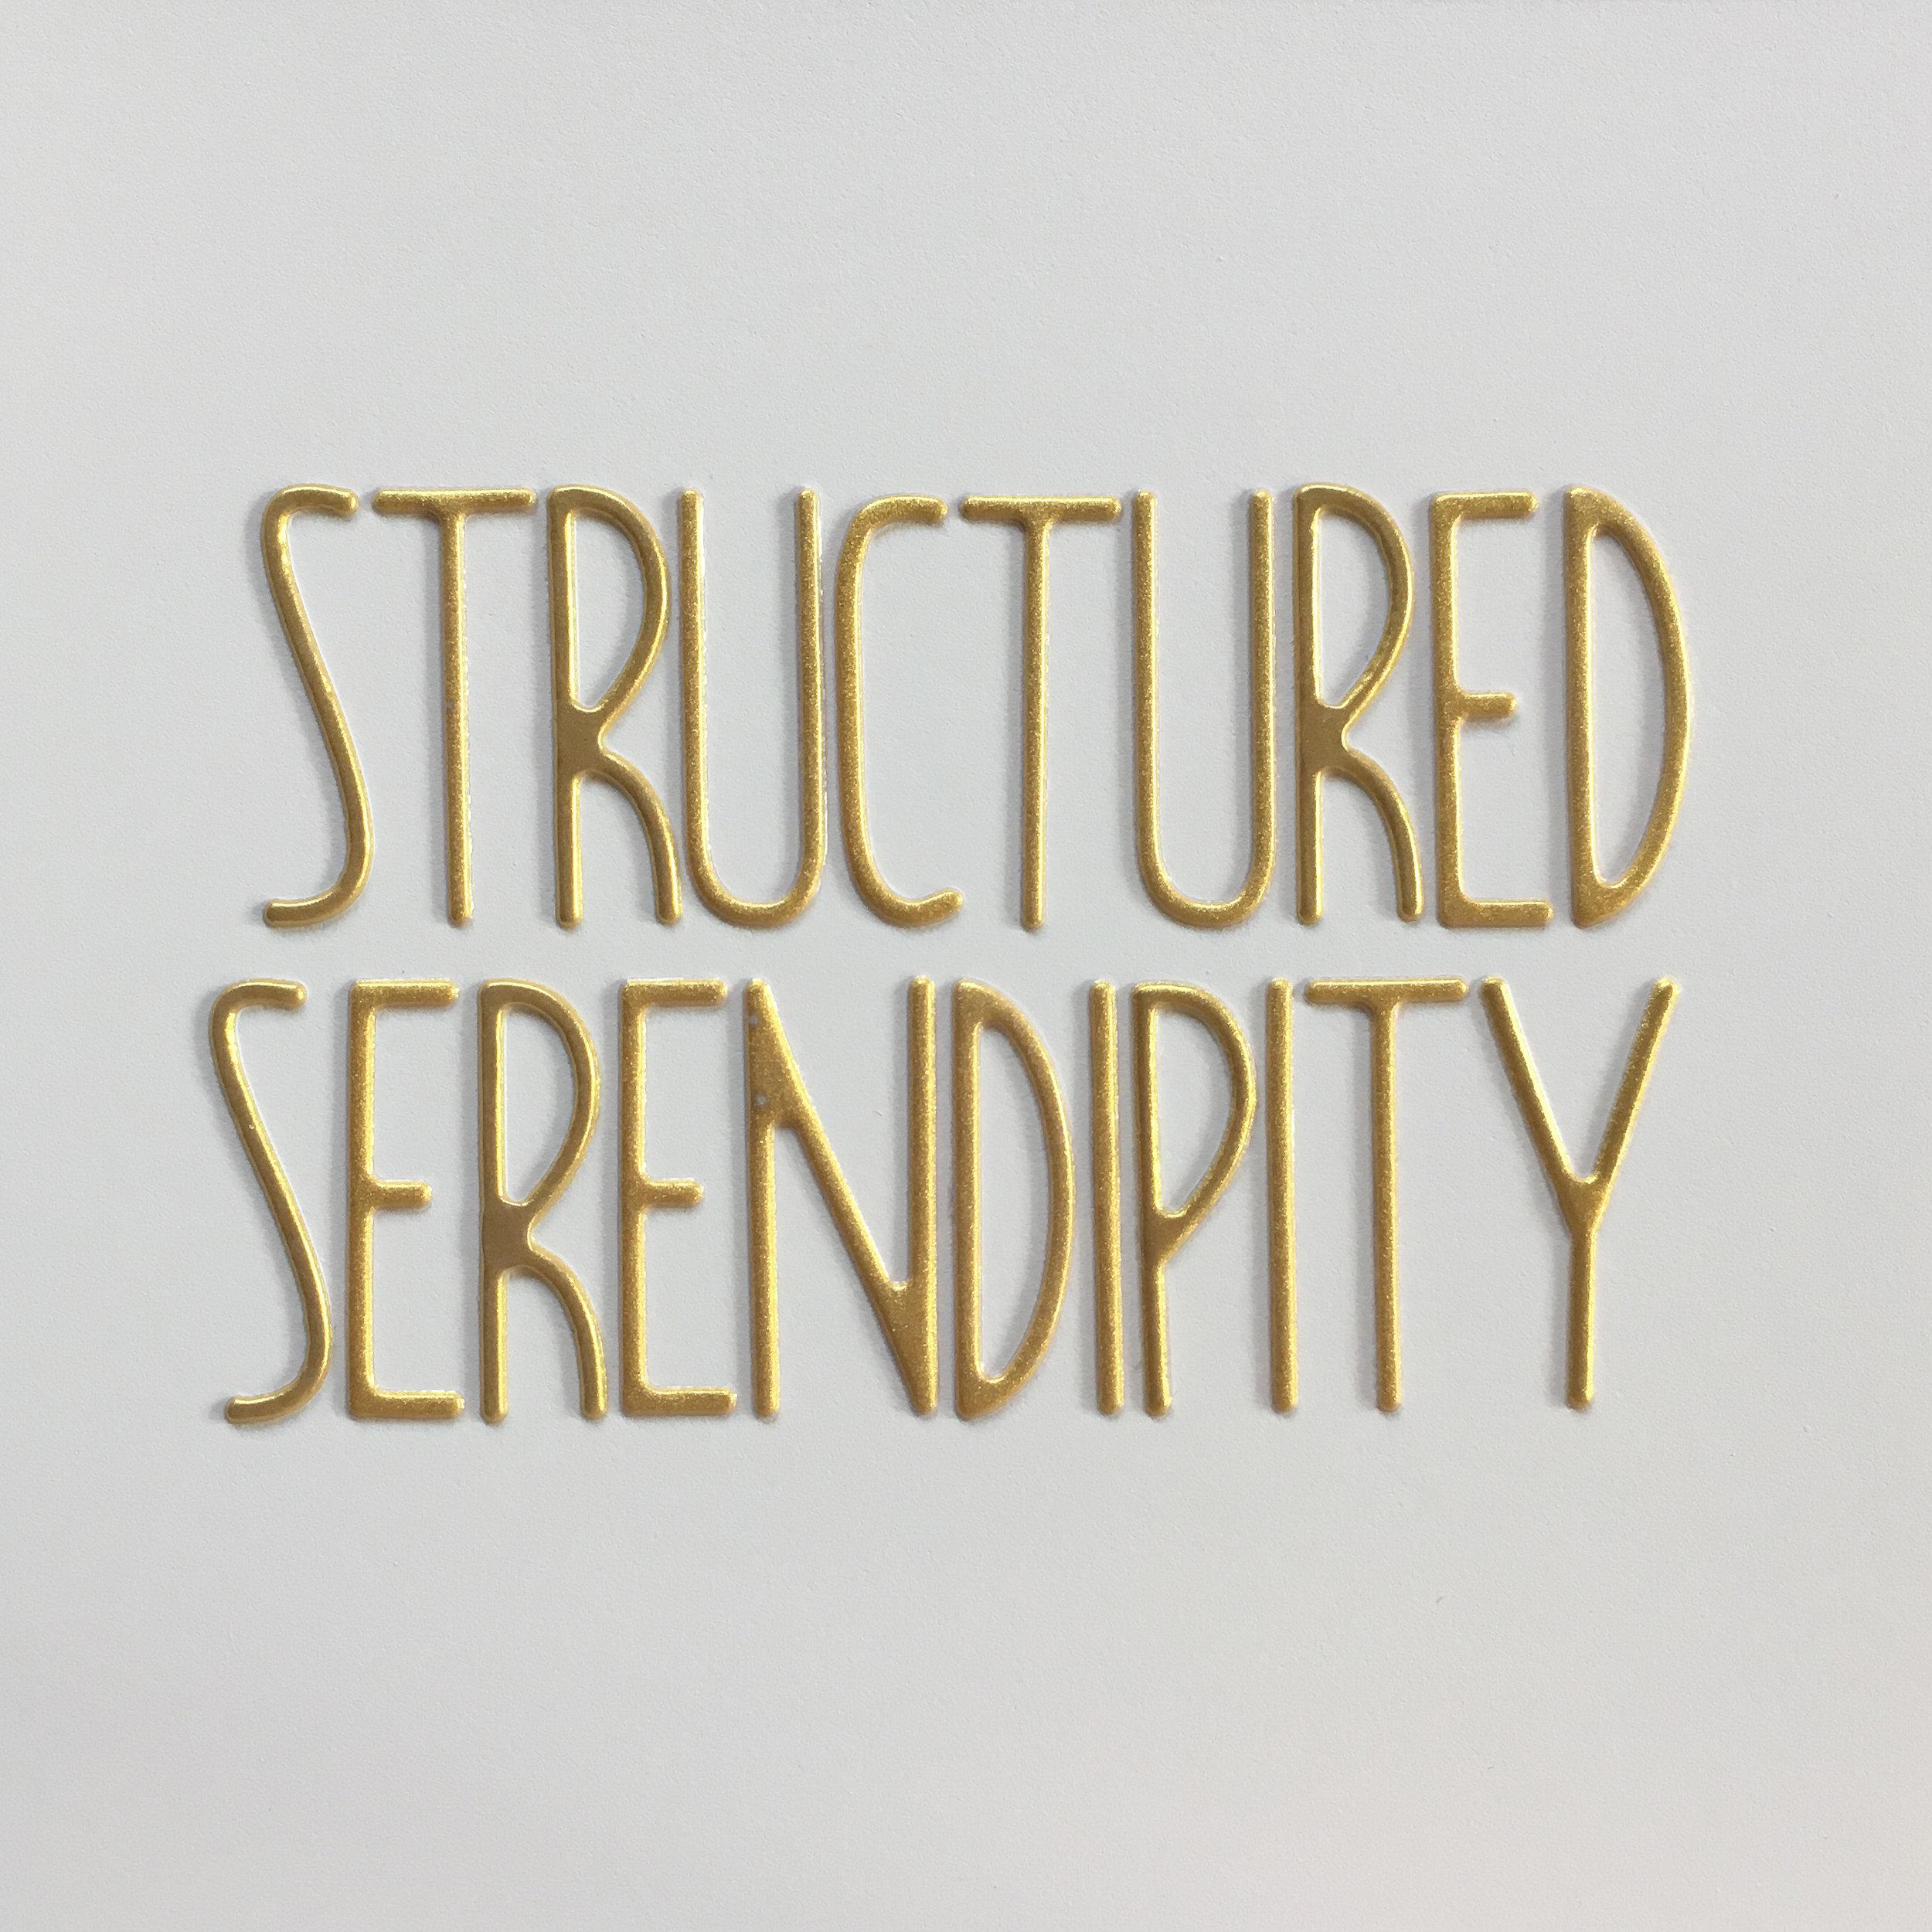 structured serendipity.jpg